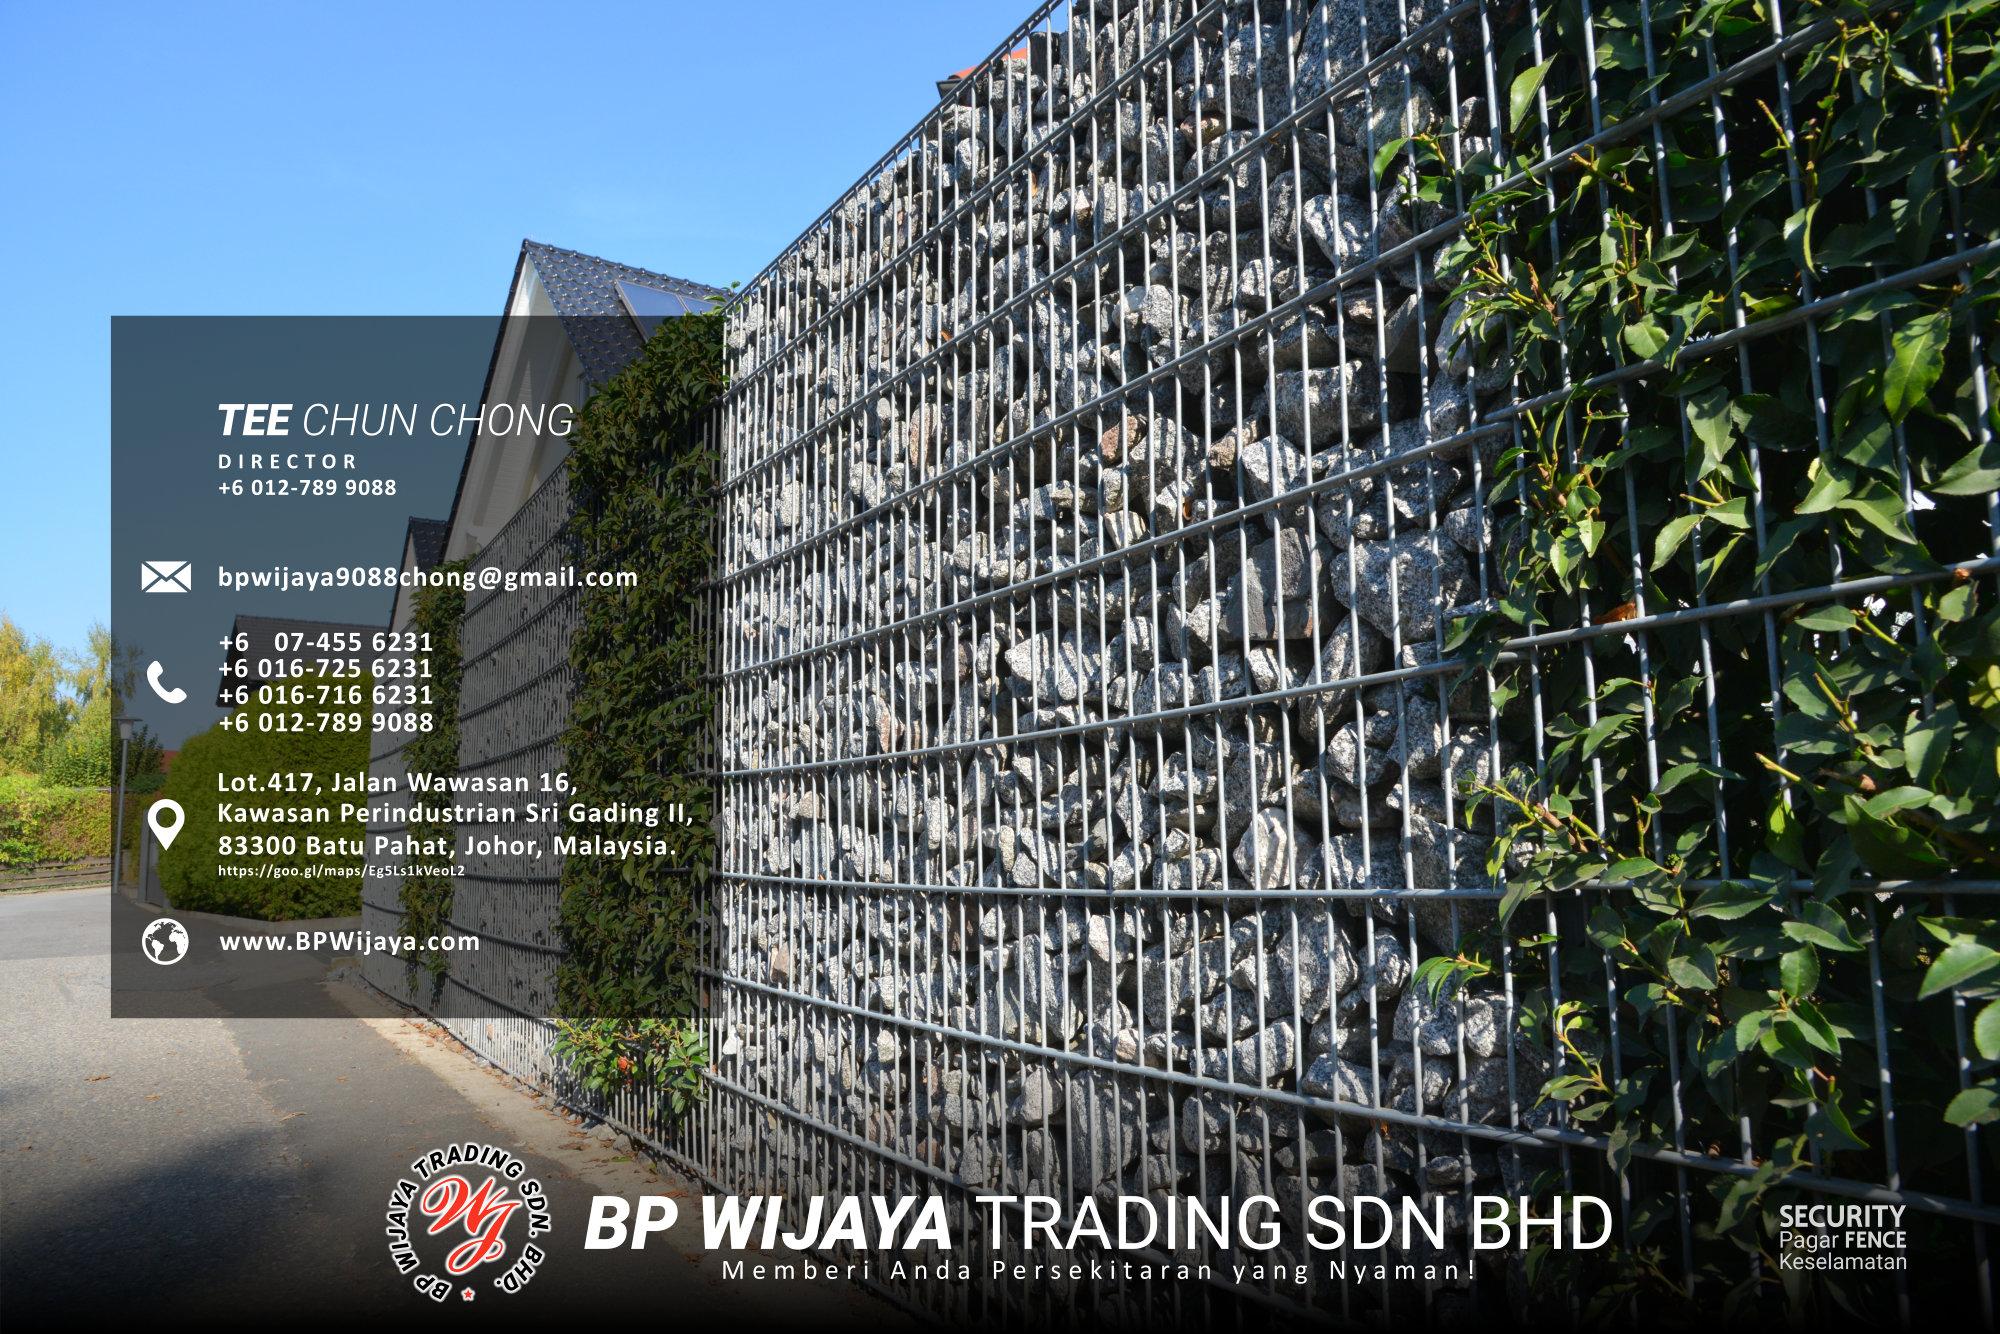 Pembekal Kuala Lumpur Pagar Keselamatan kami merupakan pengilang pagar keselamatan BP Wijaya Trading Sdn Bhd Pagar Taman Pagar Bangunan Pagar Kilang Pagar Rumah Pemborong Pagar Keselamatan A03-030